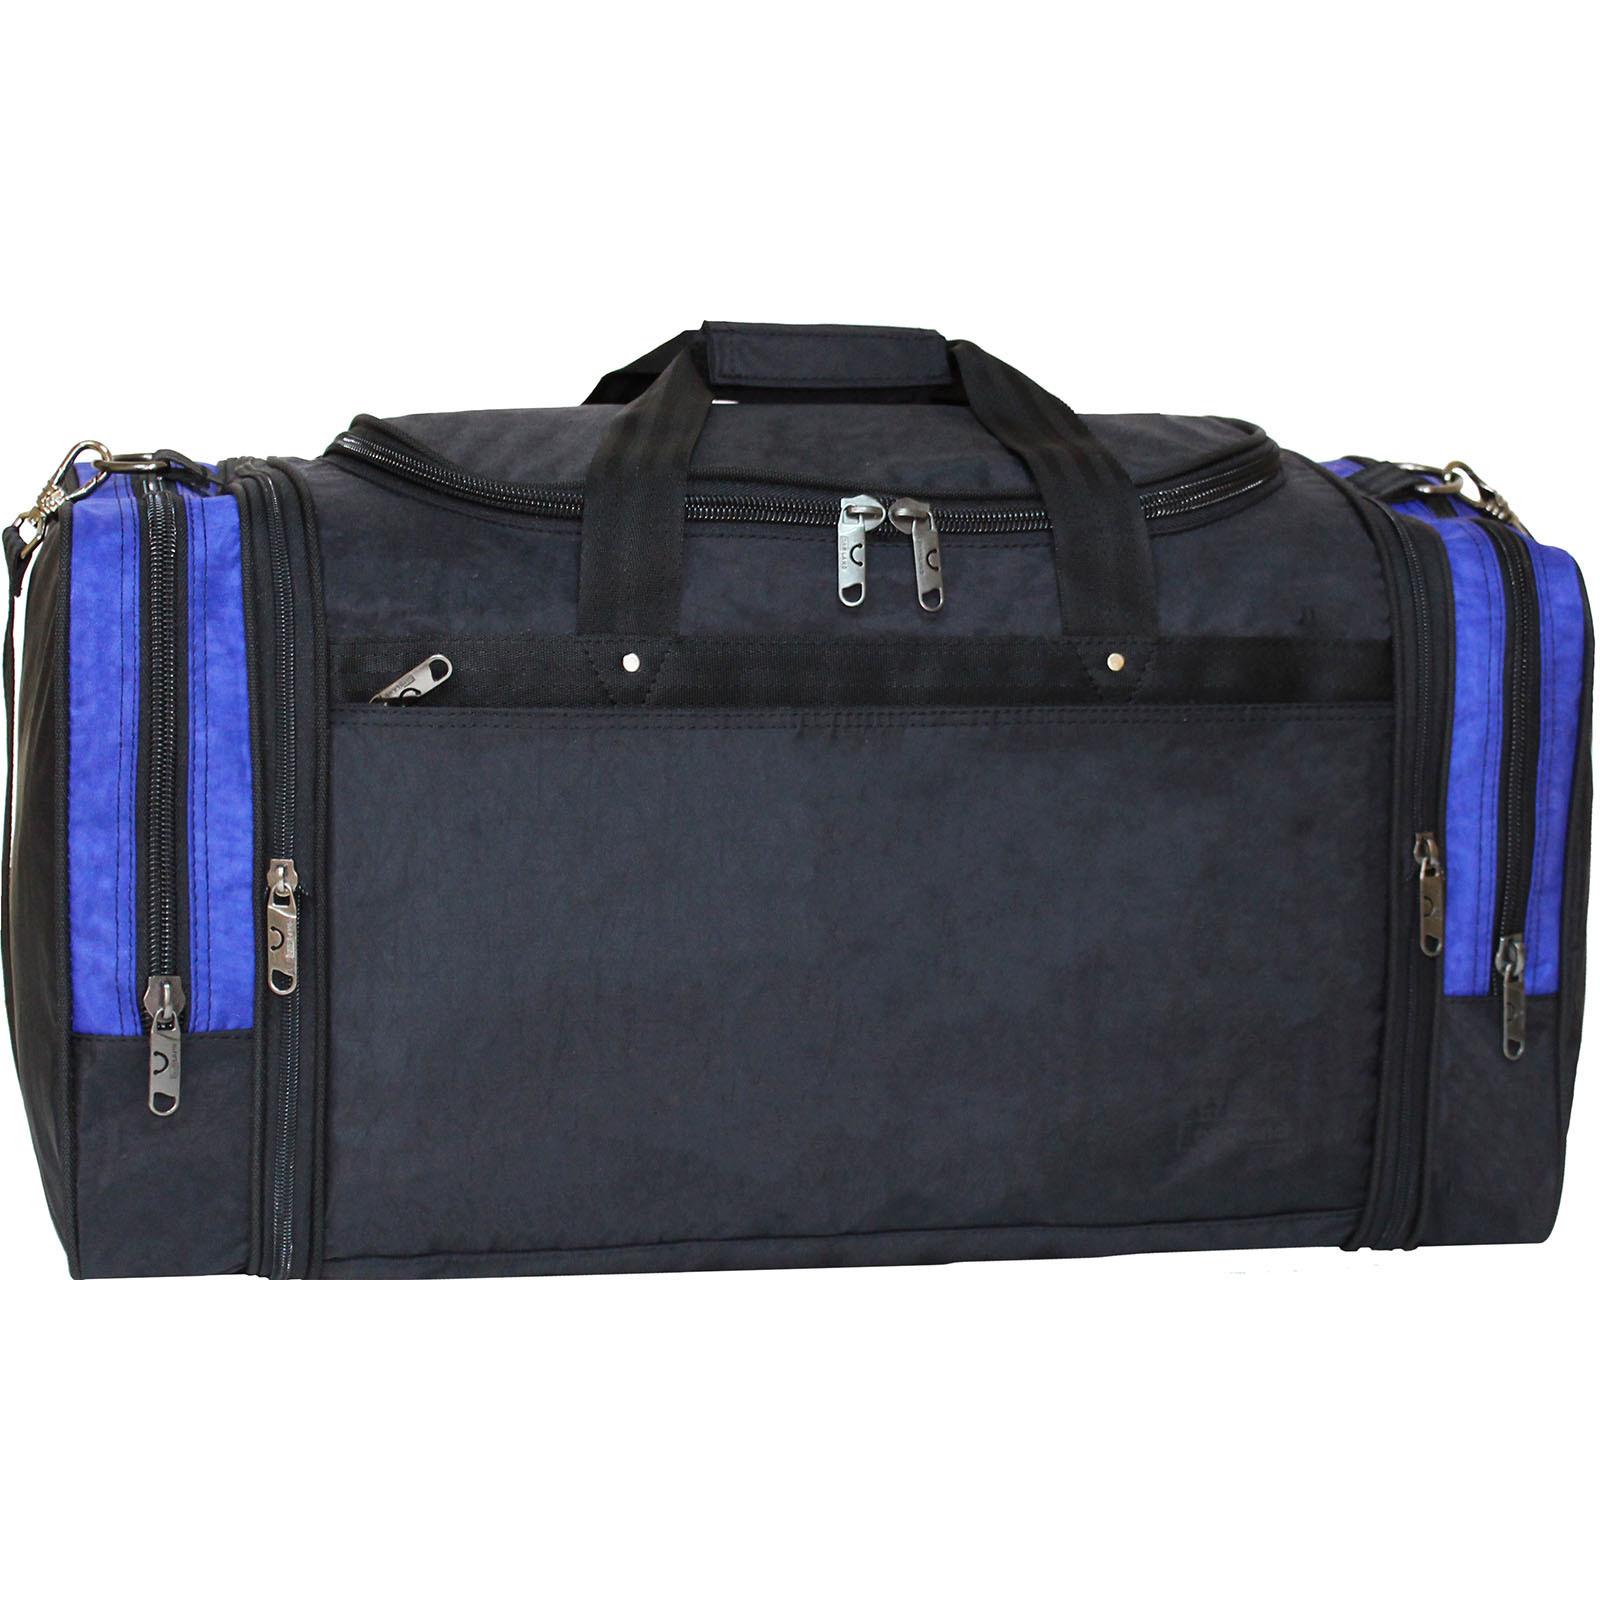 Дорожные сумки Спортивная сумка Bagland Мюнхен 59 л. Черный/электрик (0032570) IMG_1464_32570_.JPG